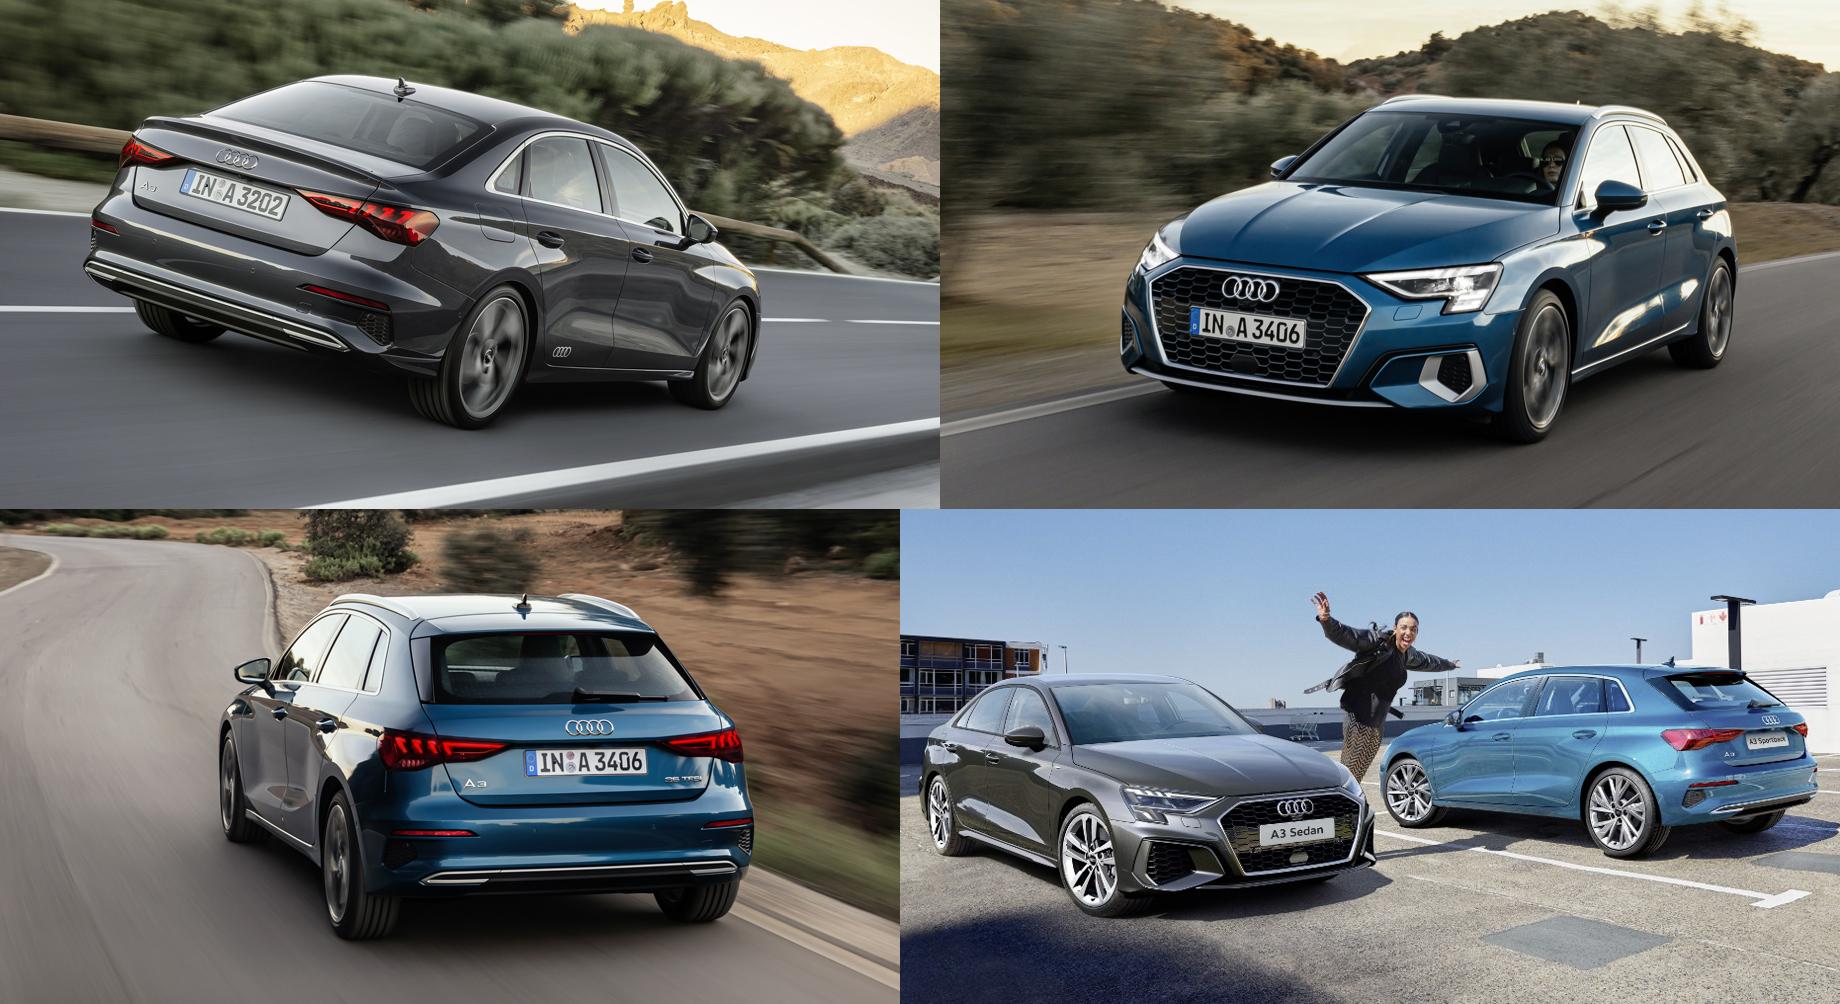 Дополнено: Седан и хэтчбек Audi A3 оценены в рублях